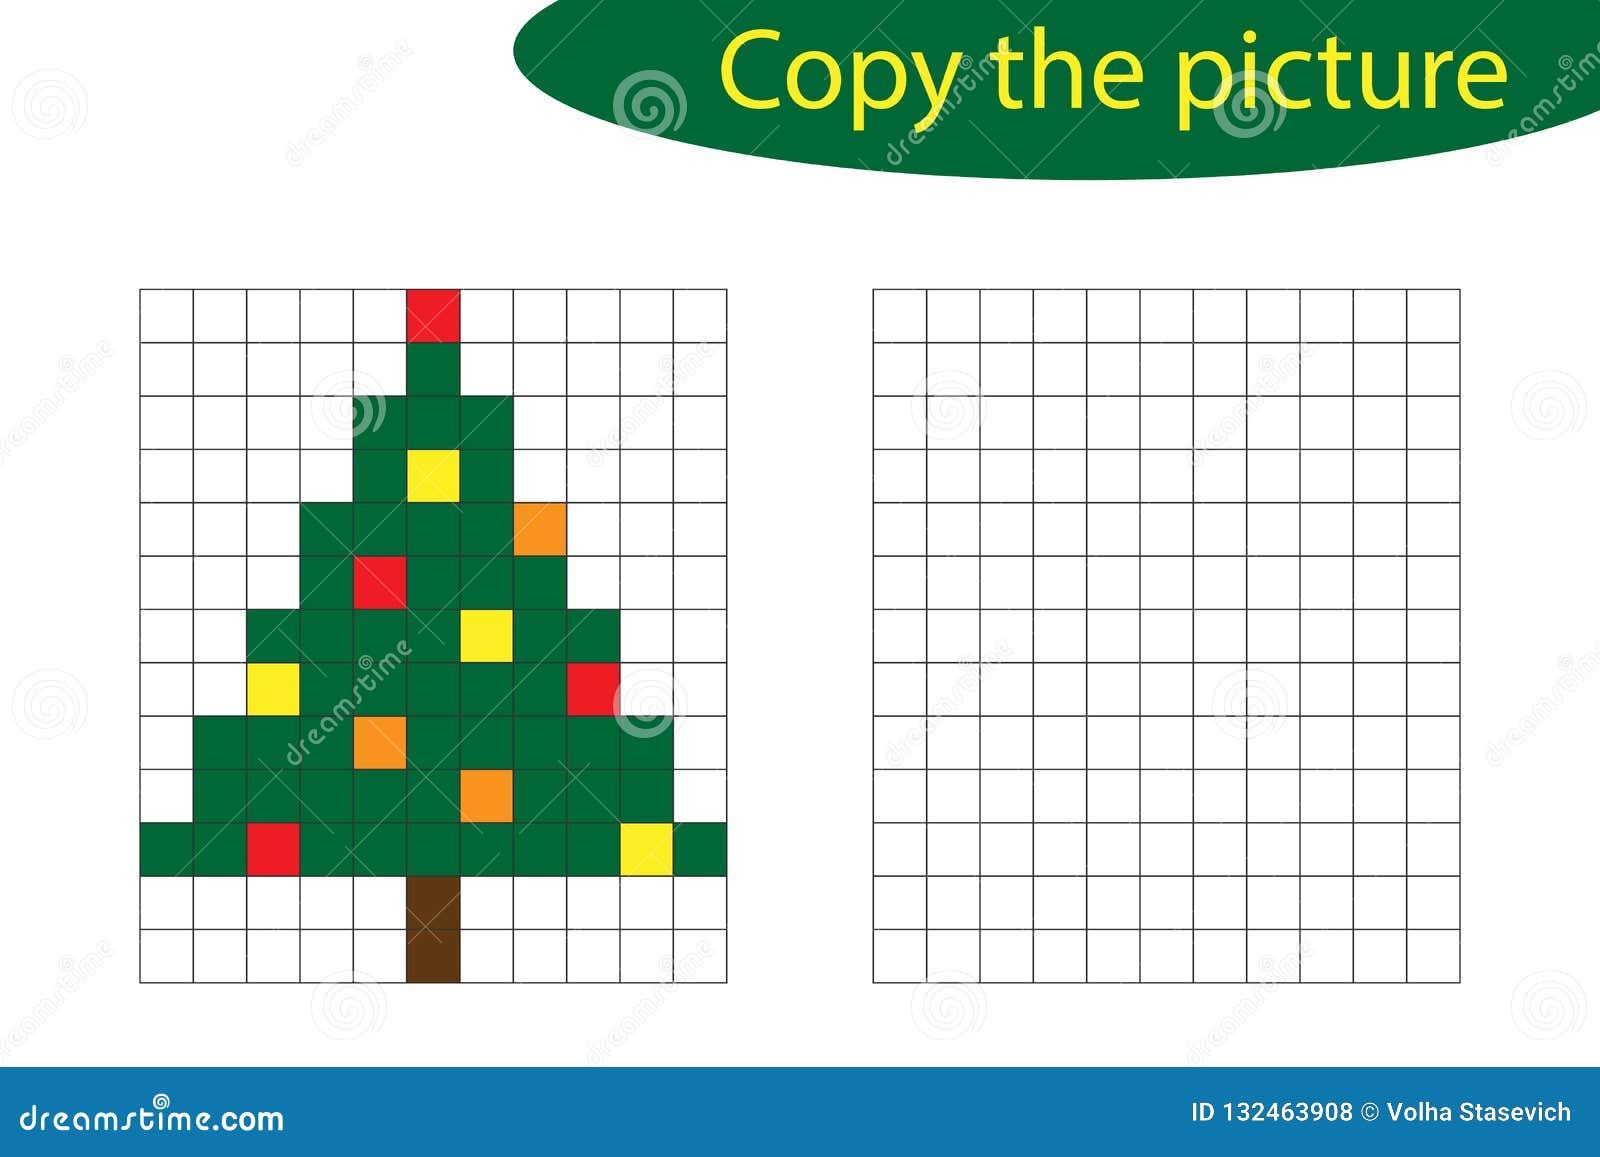 Copiez Limage Art De Pixel Bande Dessinée Darbre De Noël